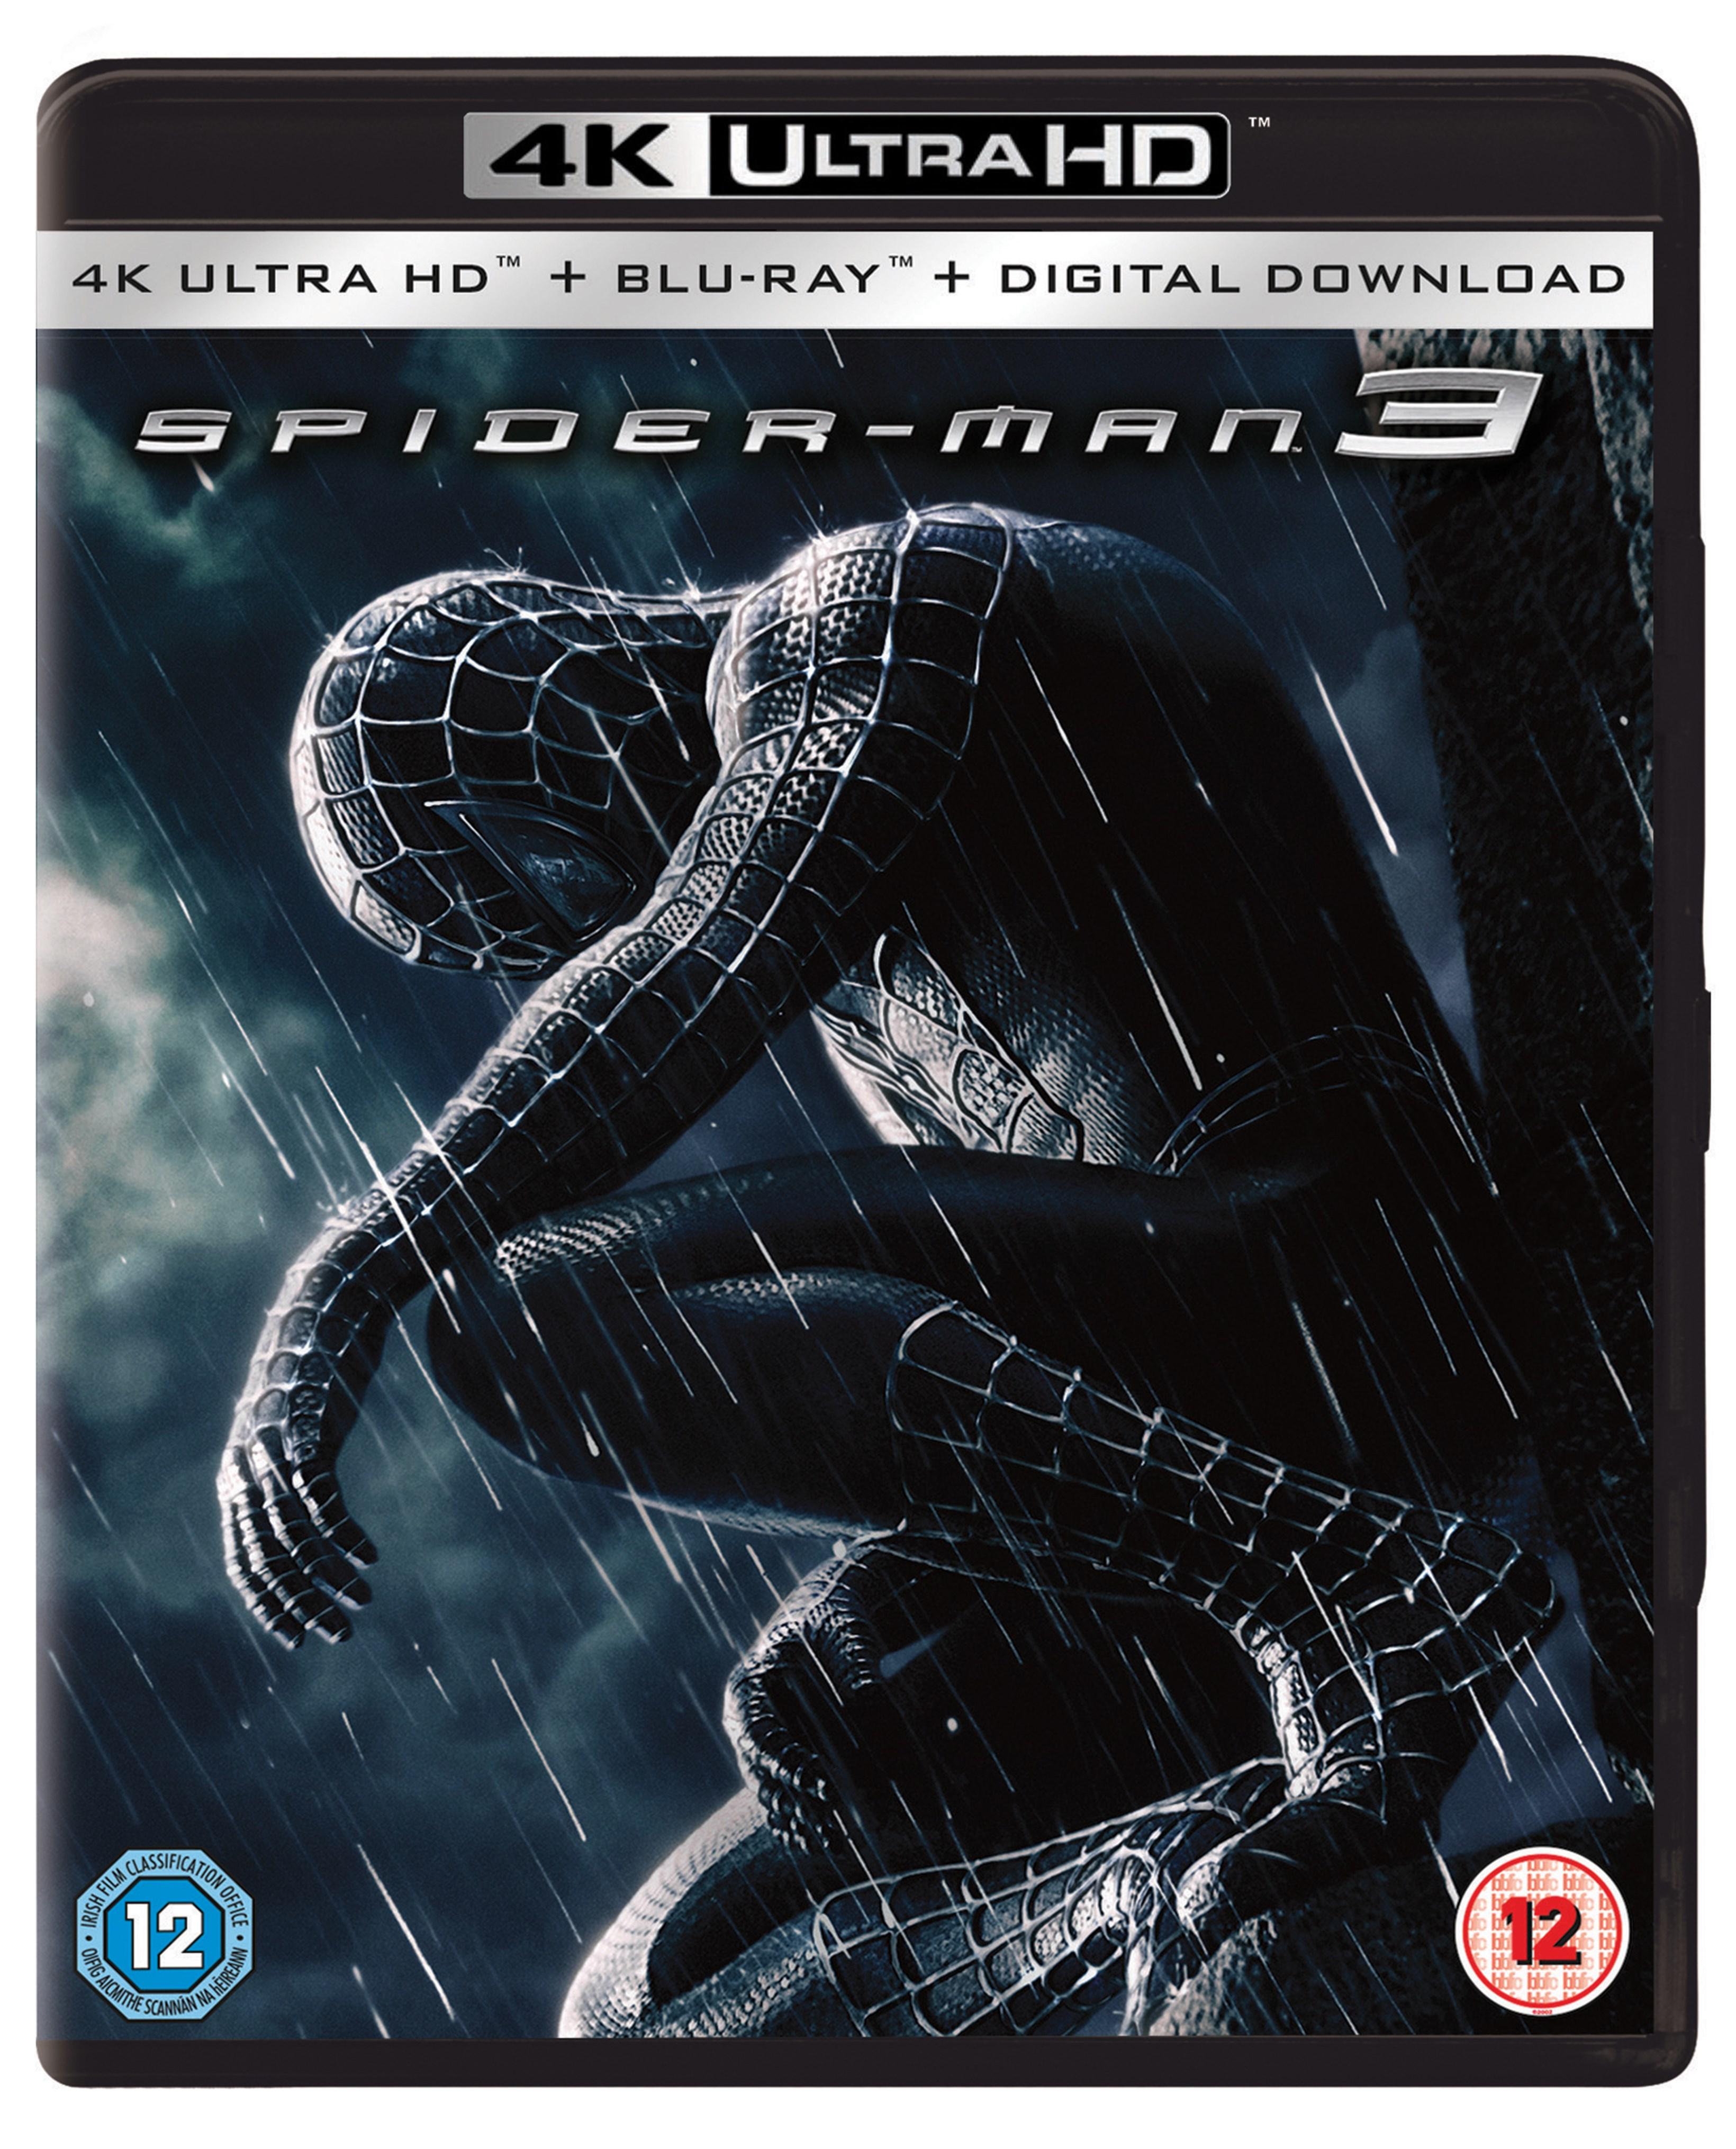 Spider-Man 3 - 1